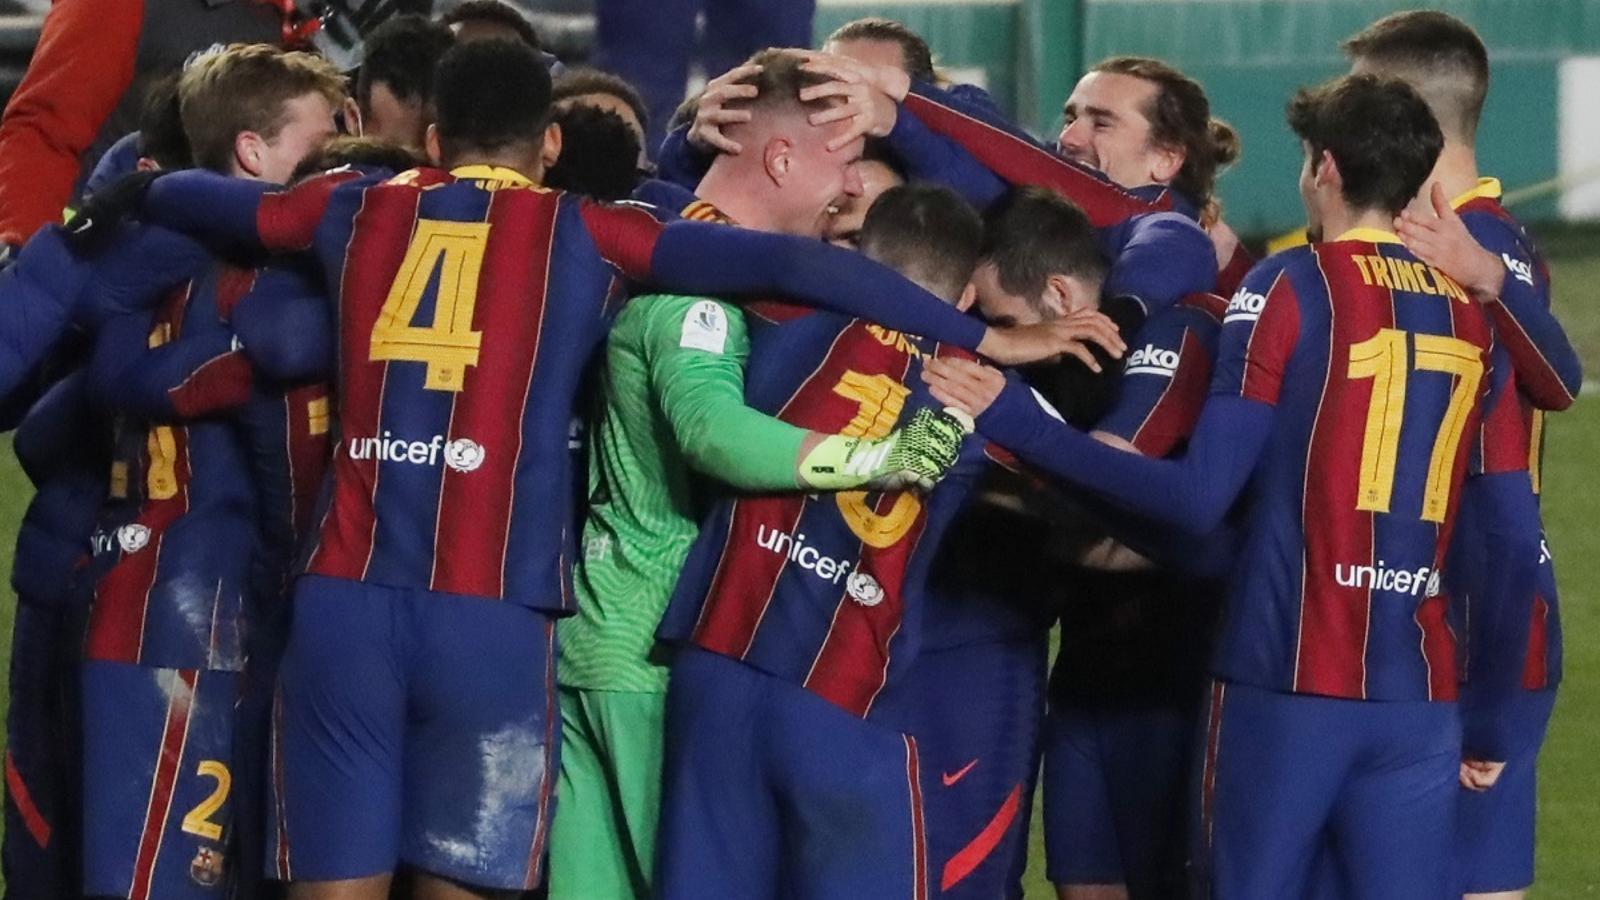 Els jugadors del Barça, felicitant Ter Stegen després de les semifinals de la Supercopa contra la Reial Societat